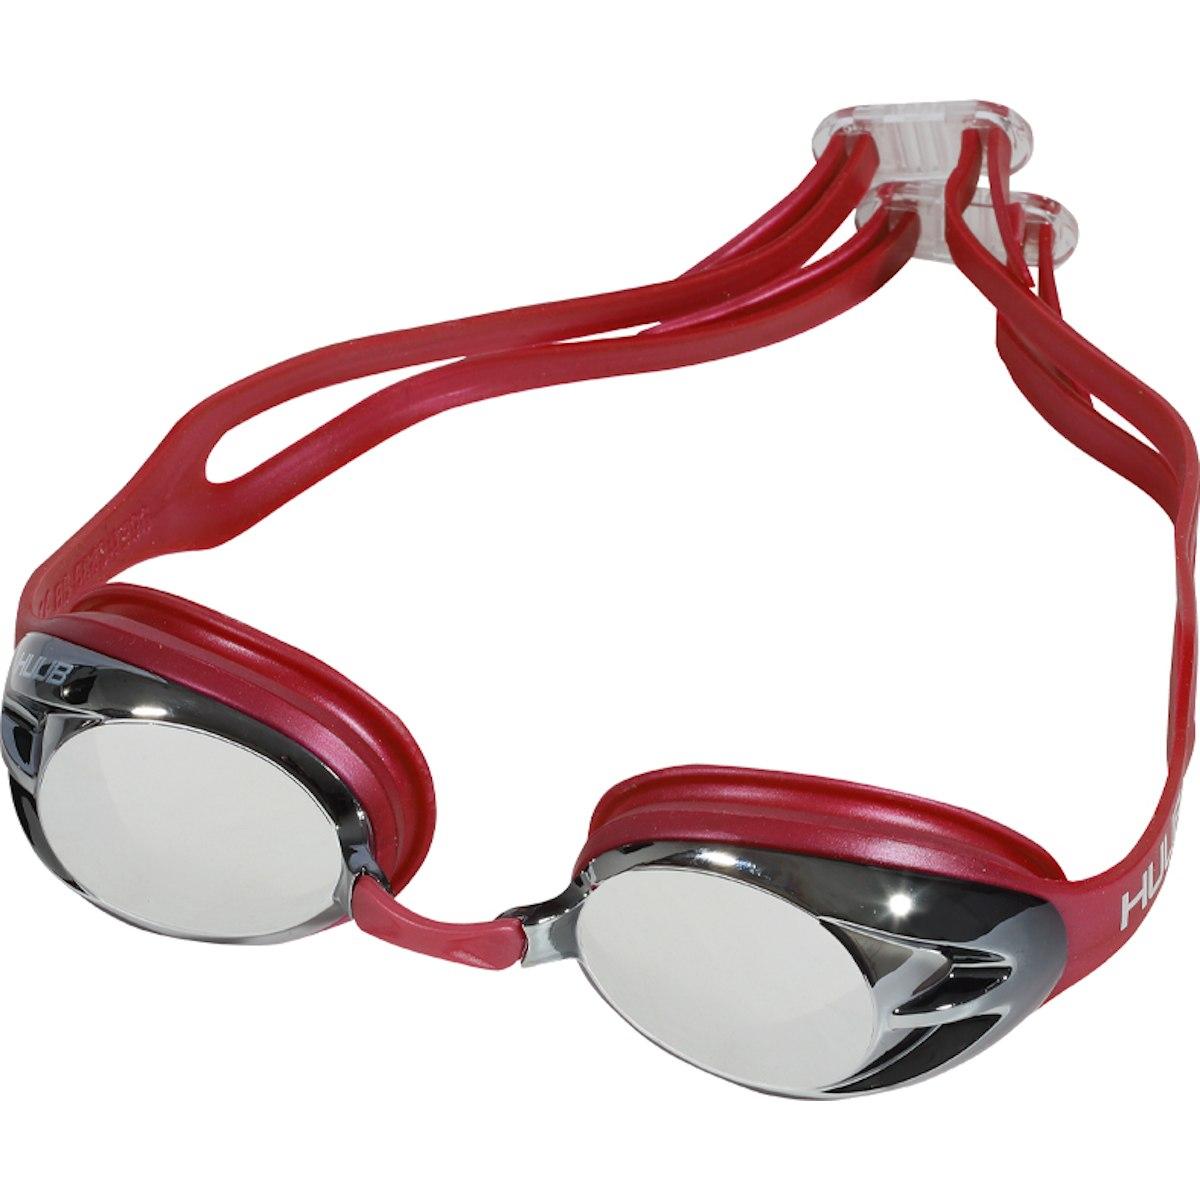 Bild von HUUB Design Varga Schwimmbrille - rot/silver mirrored